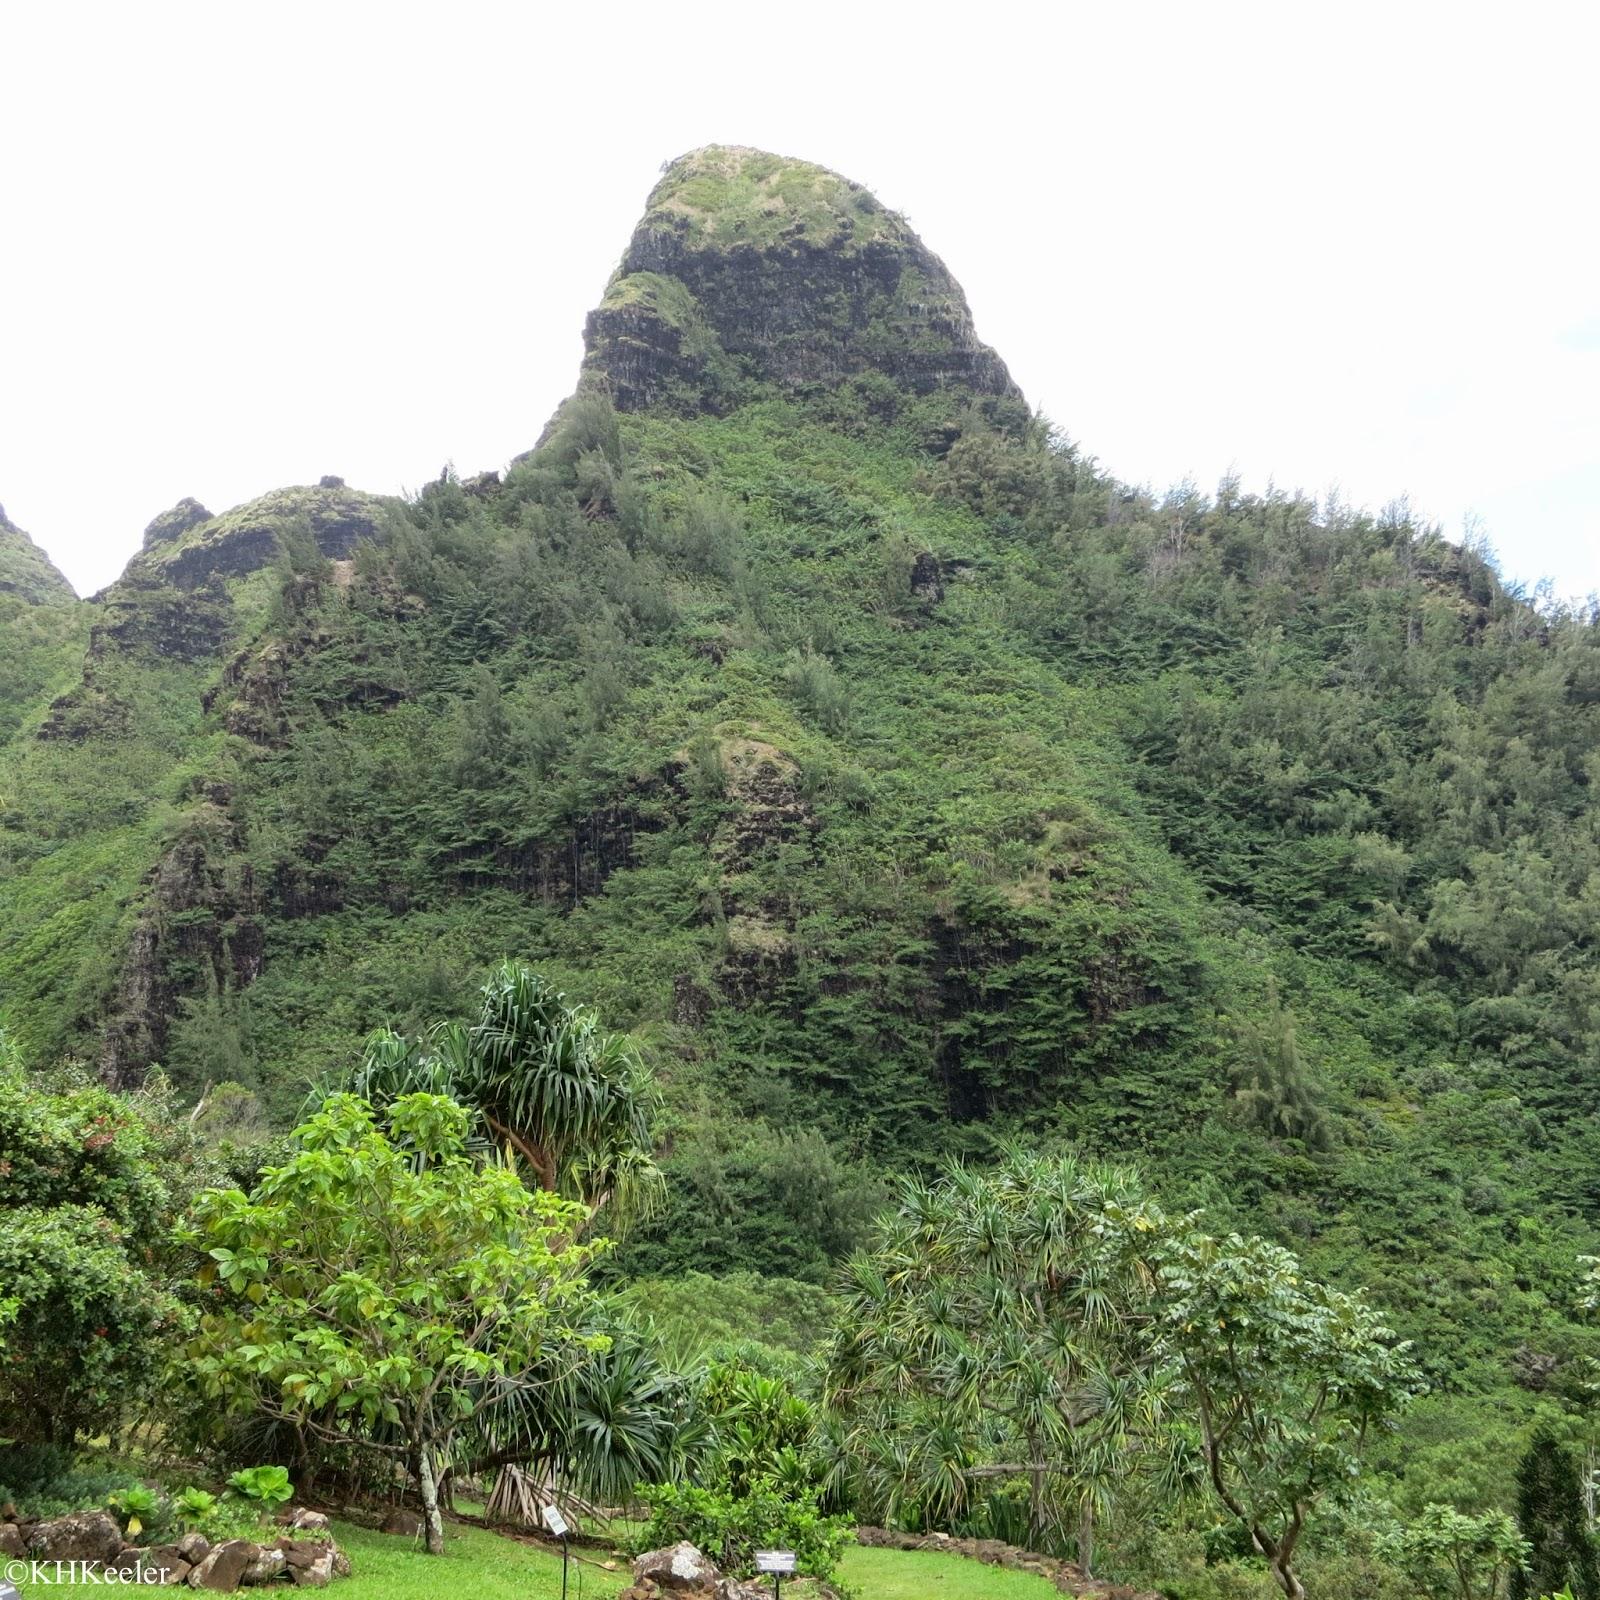 Kauai hillside